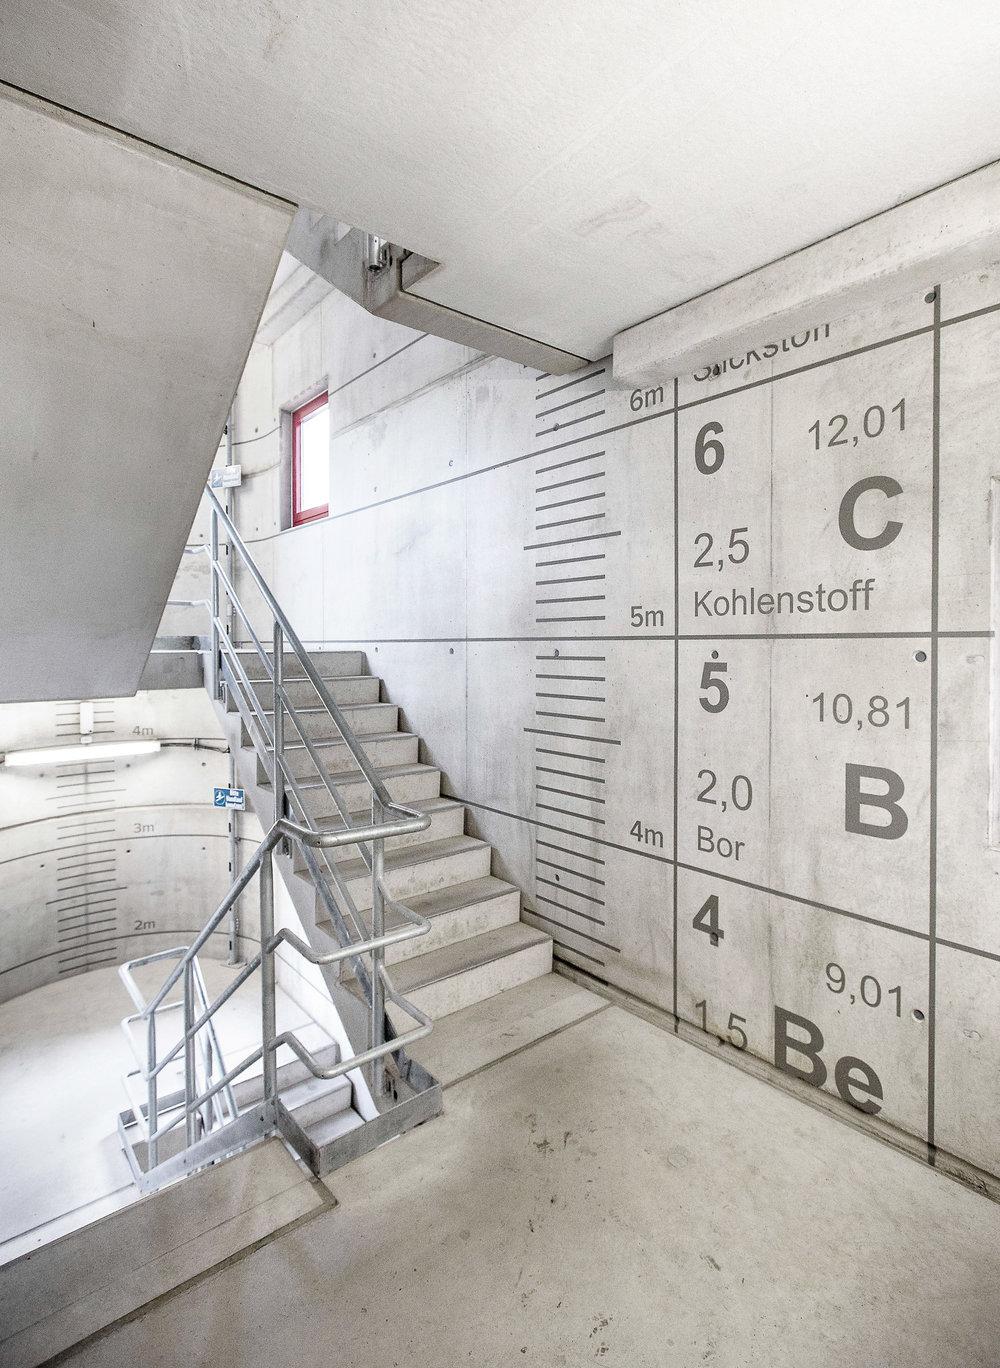 Fassadengestaltung-auf-Putz-beton-oberflache-treppe-elemente-industrieanlage-sicherheit-schrift-Beispiel.jpg